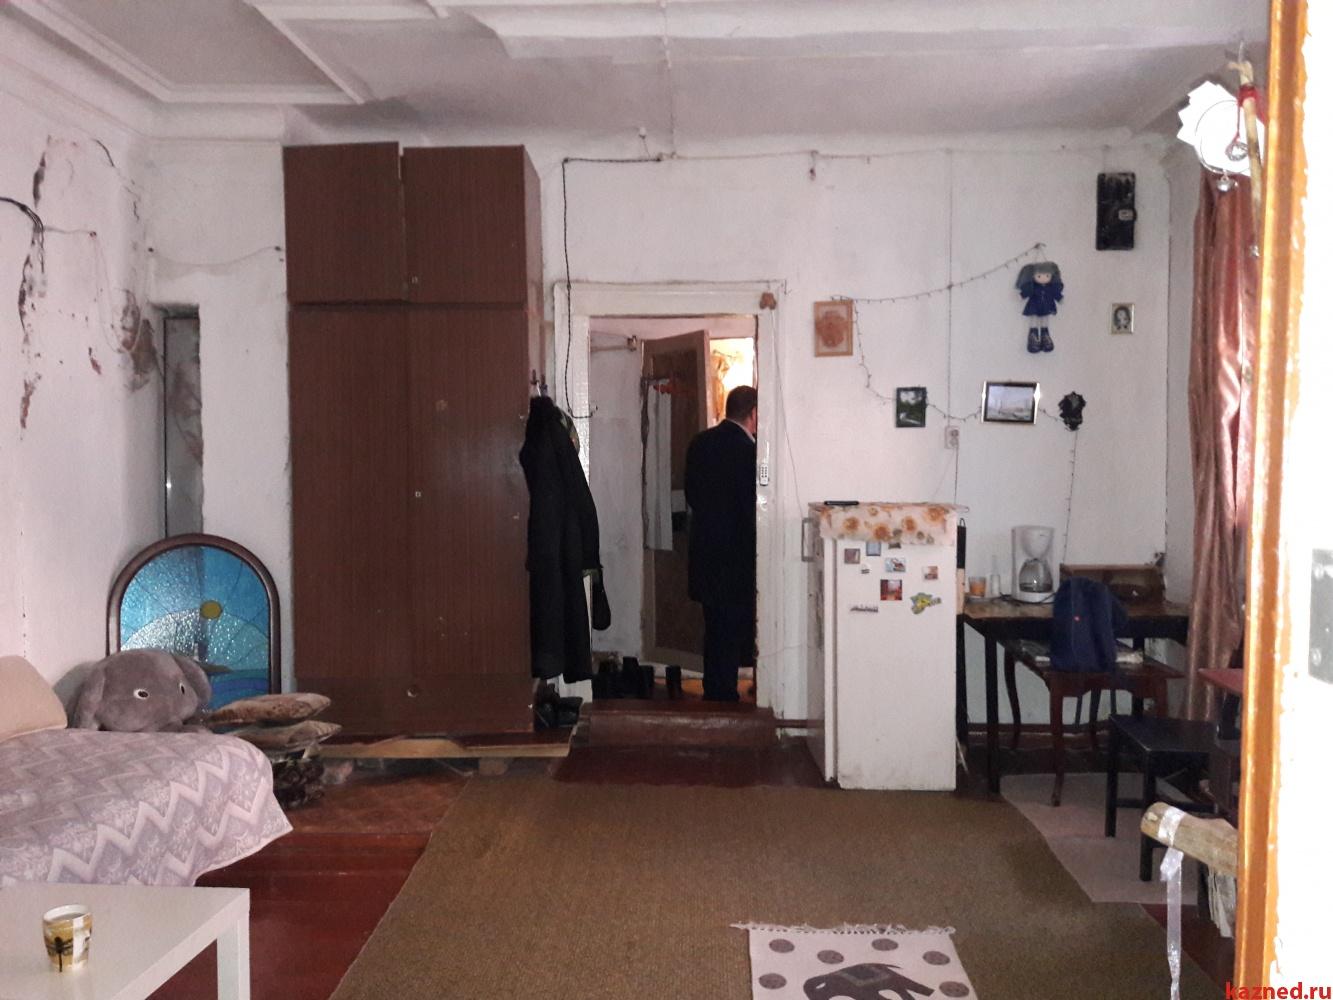 Продажа 2-к квартиры Галактионова, 12, 38 м2  (миниатюра №2)